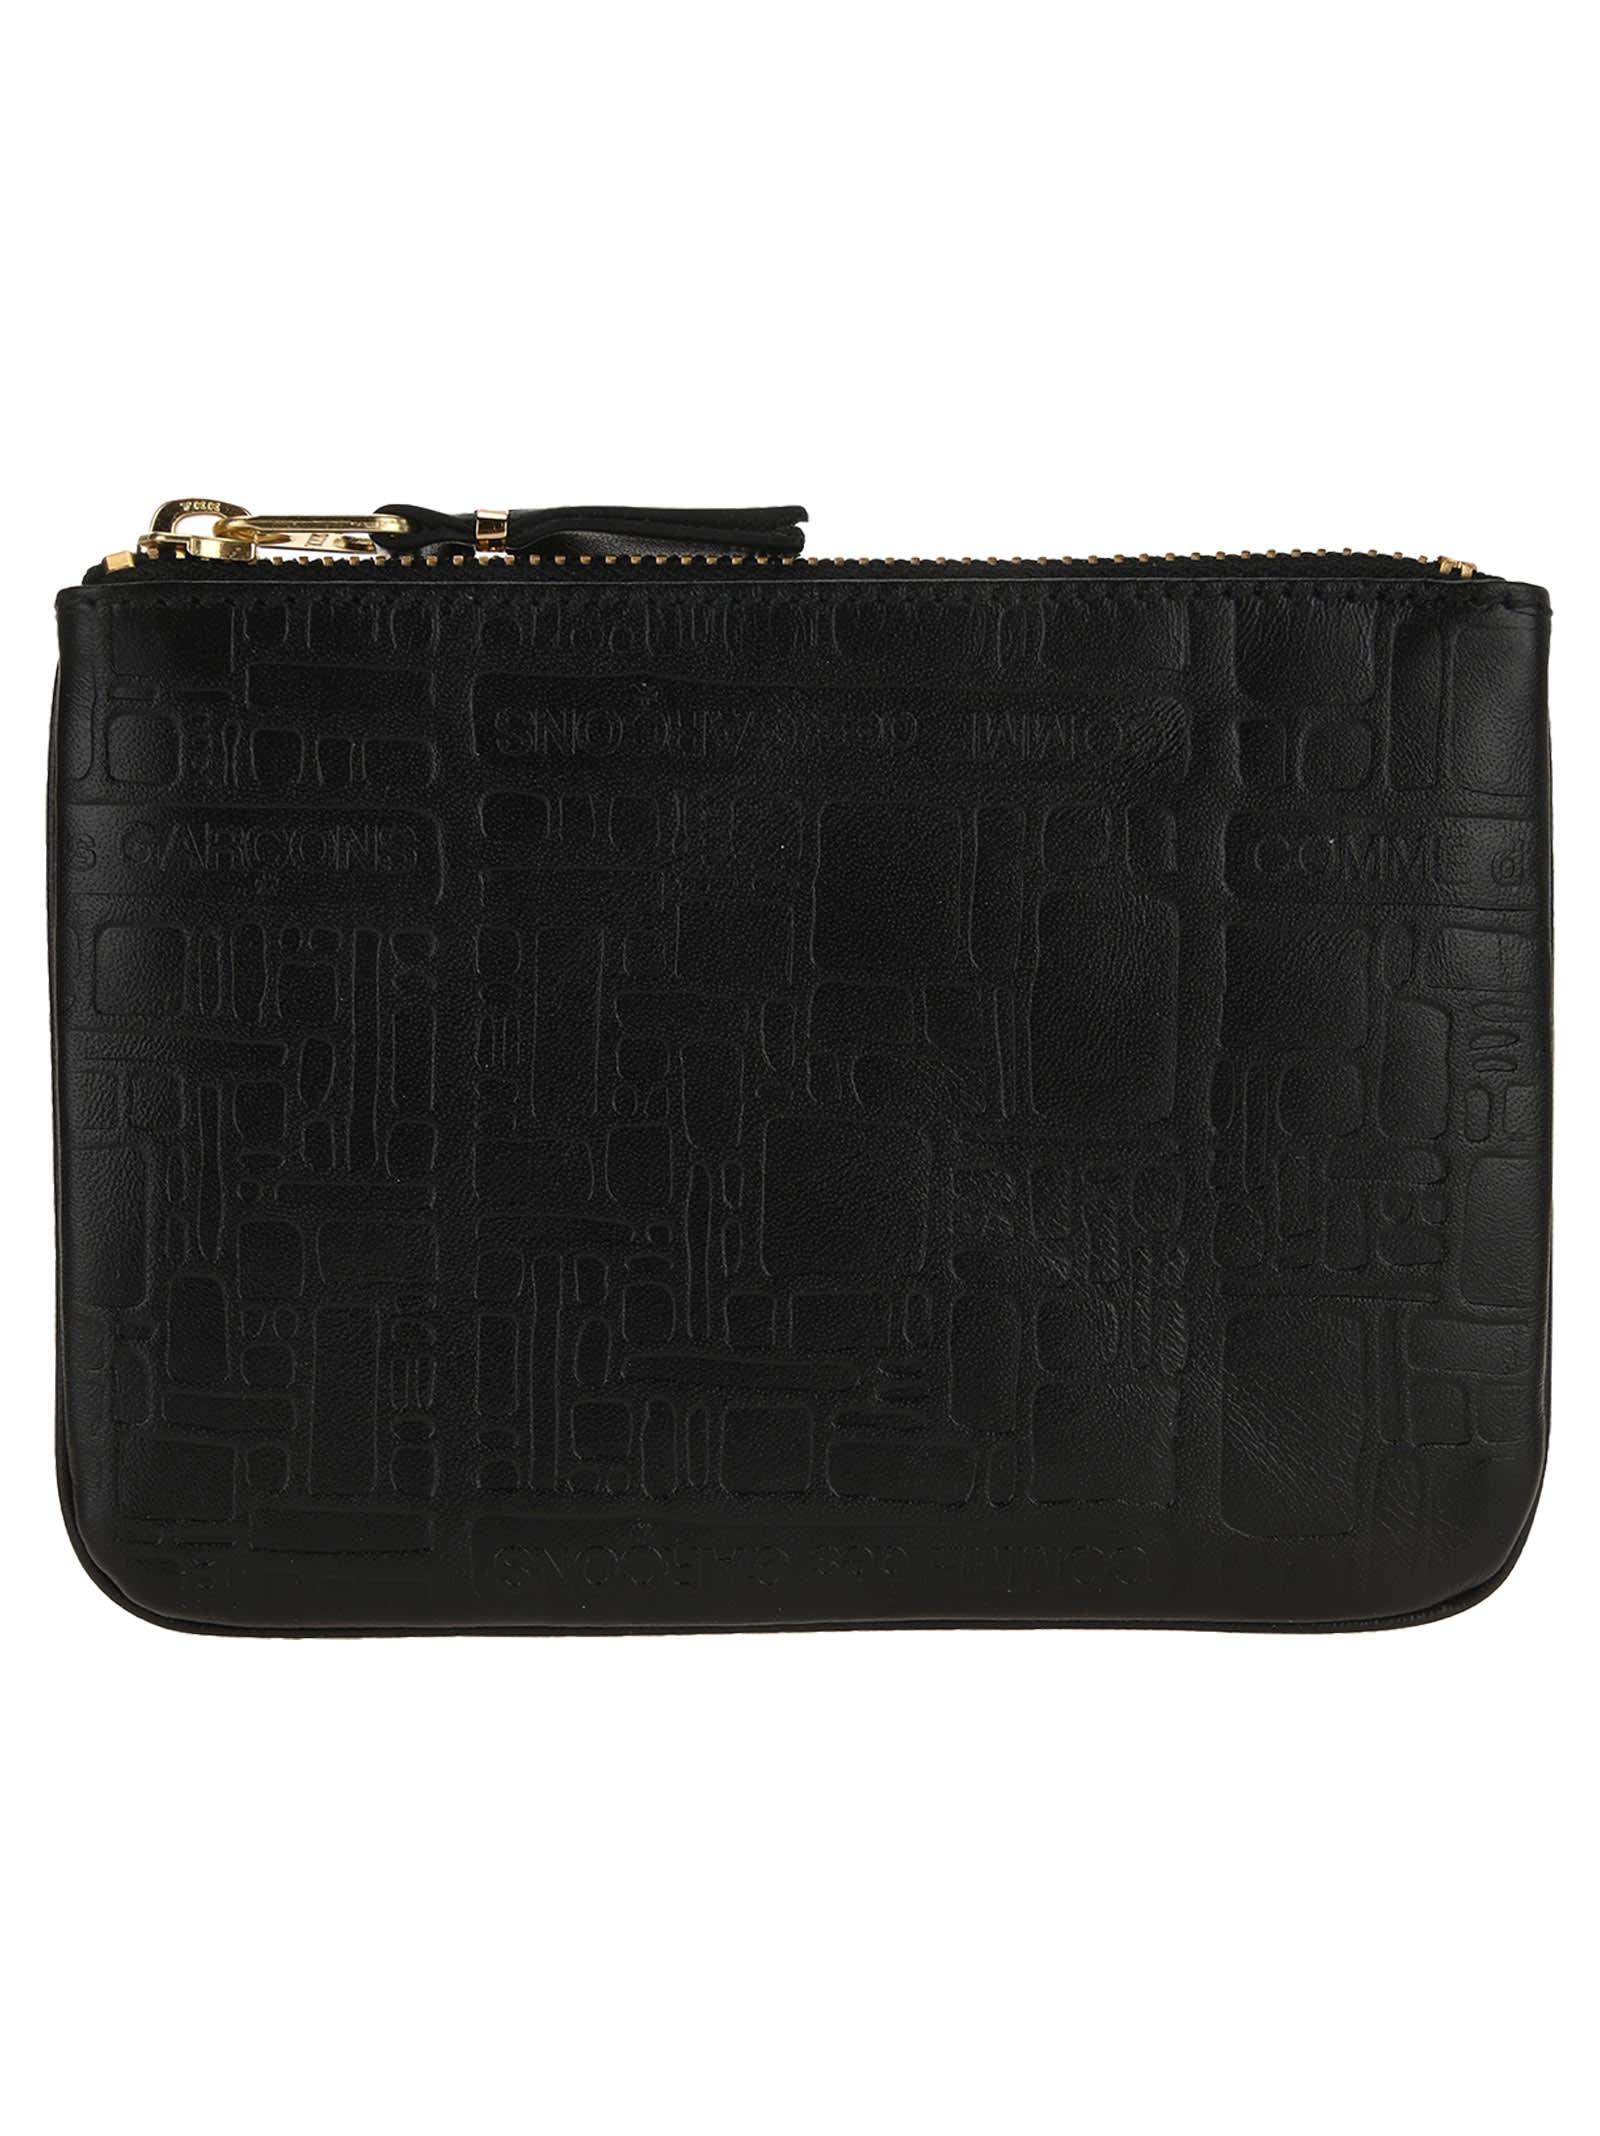 Comme des Garçons Wallet Comme Des Garcons Wallet Embossed X-small Zip Pouch